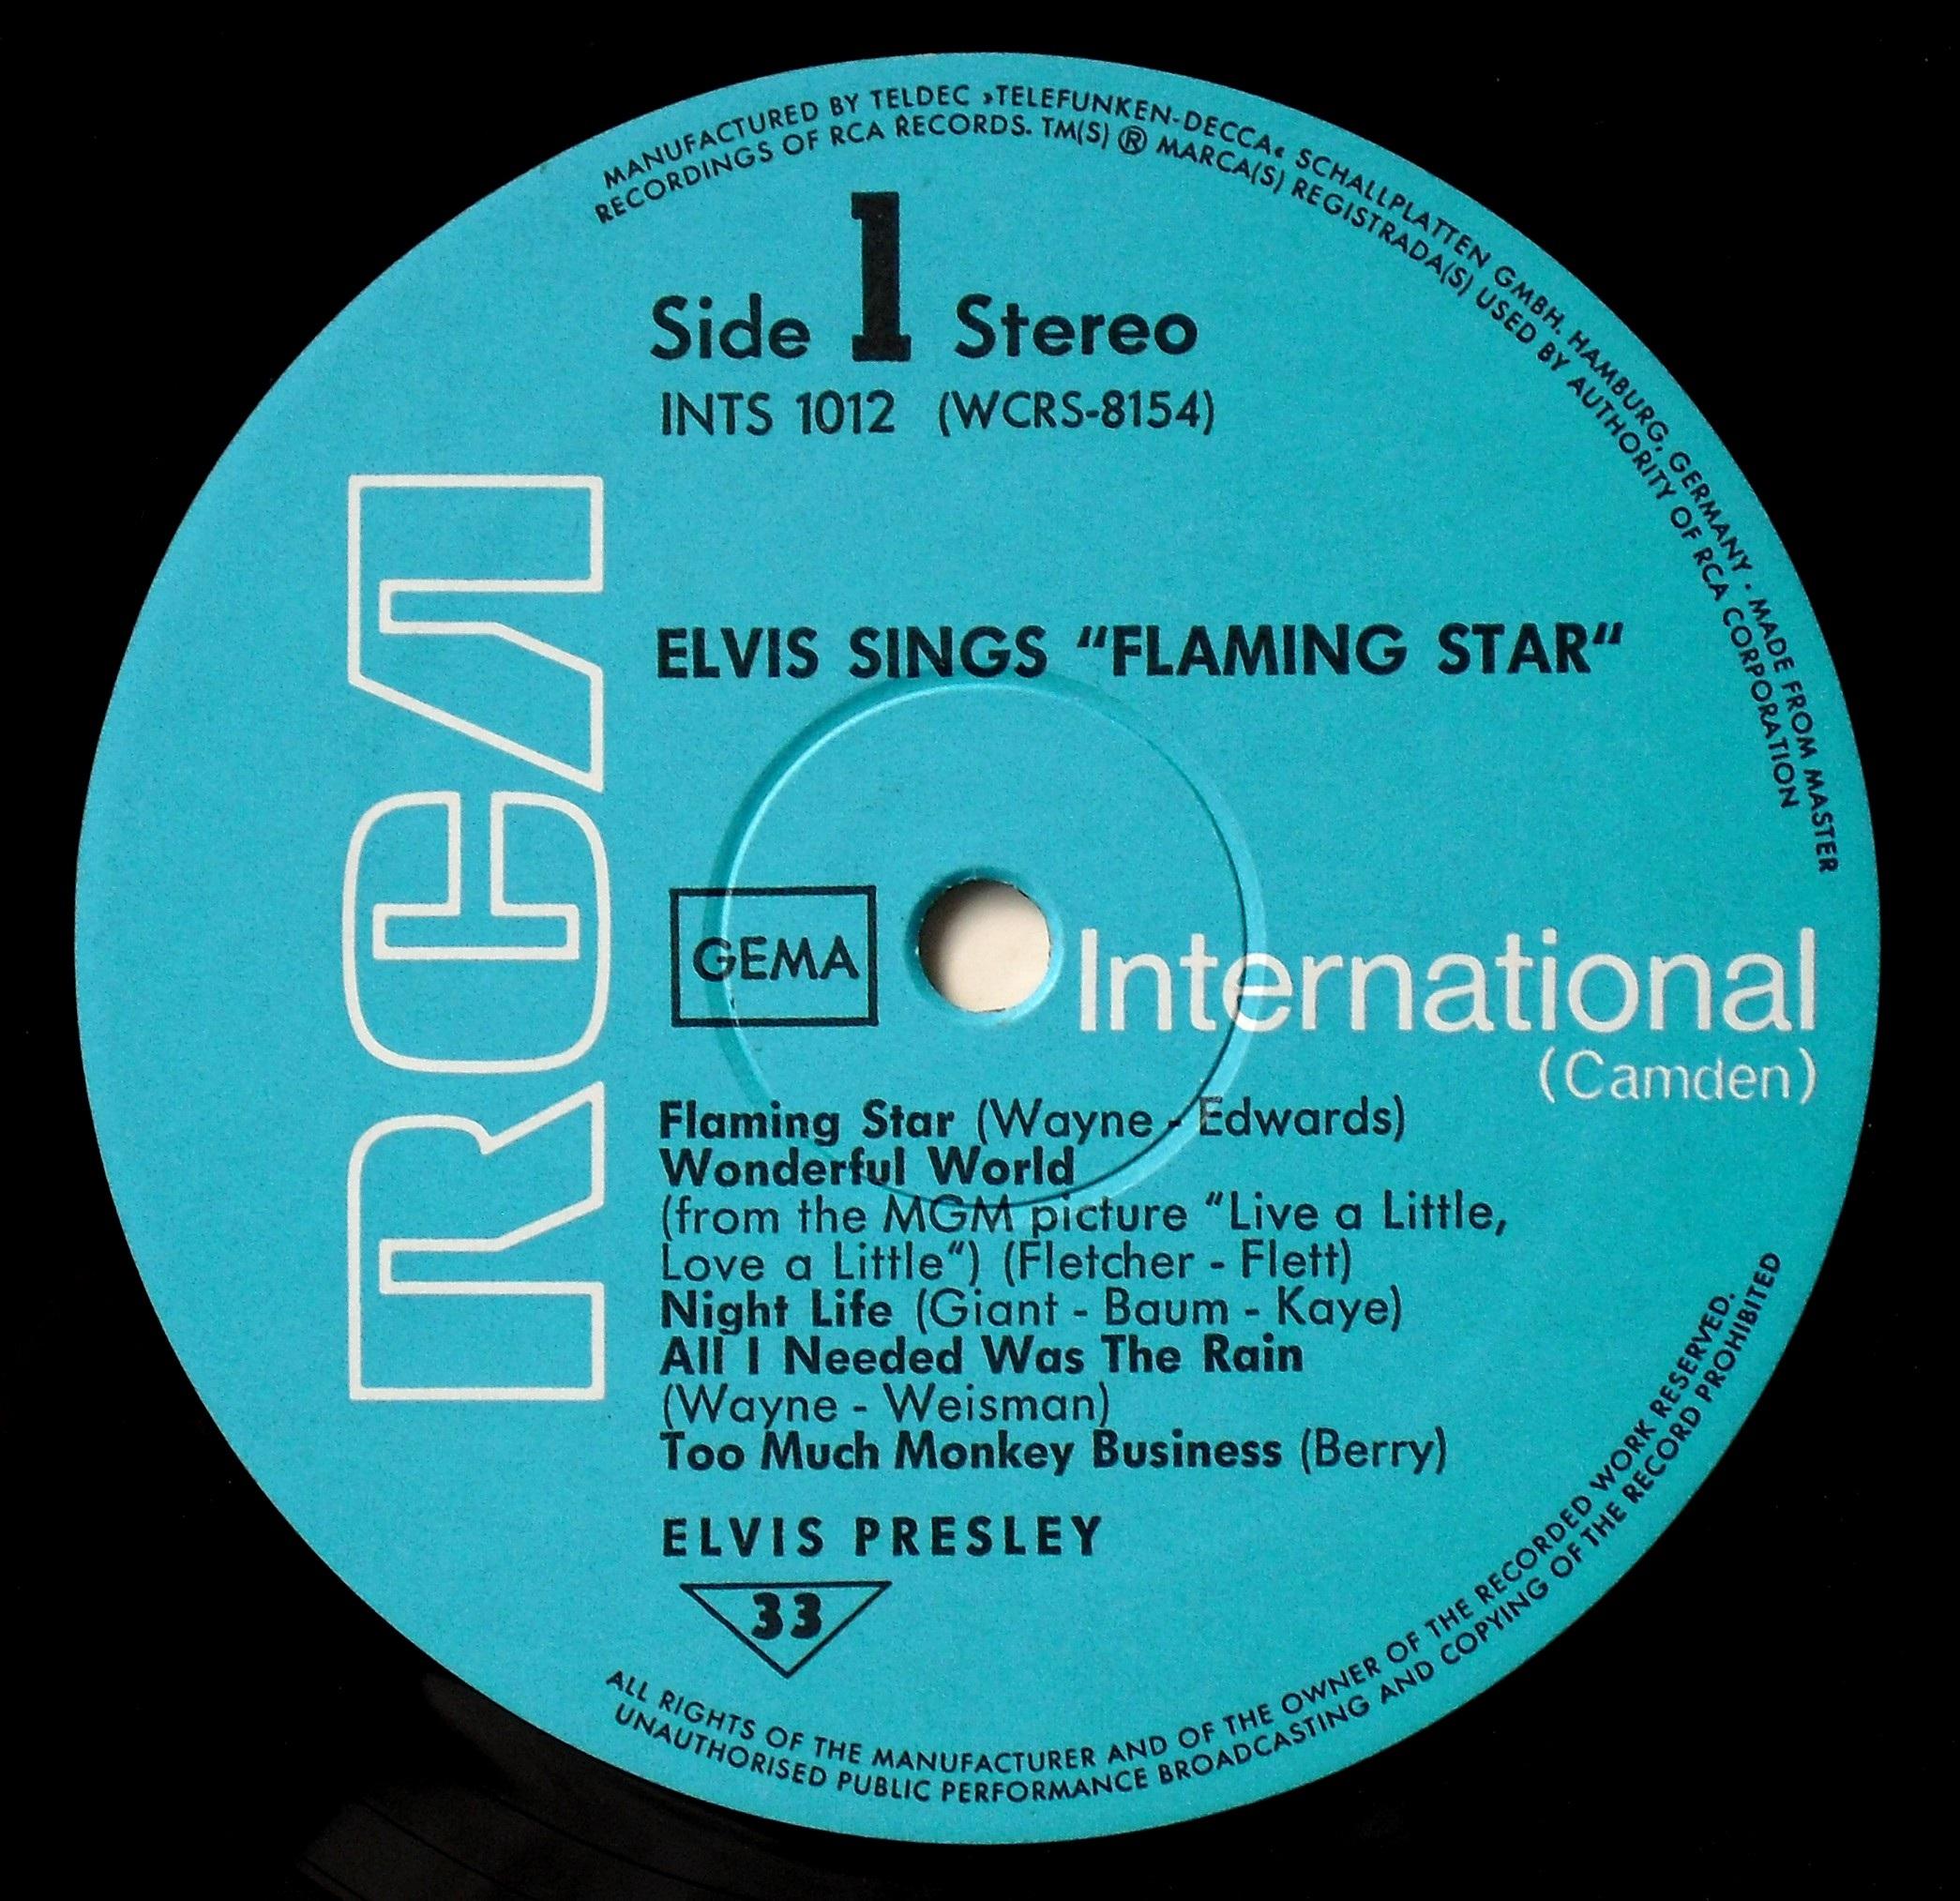 ELVIS SINGS FLAMING STAR 009sau3w